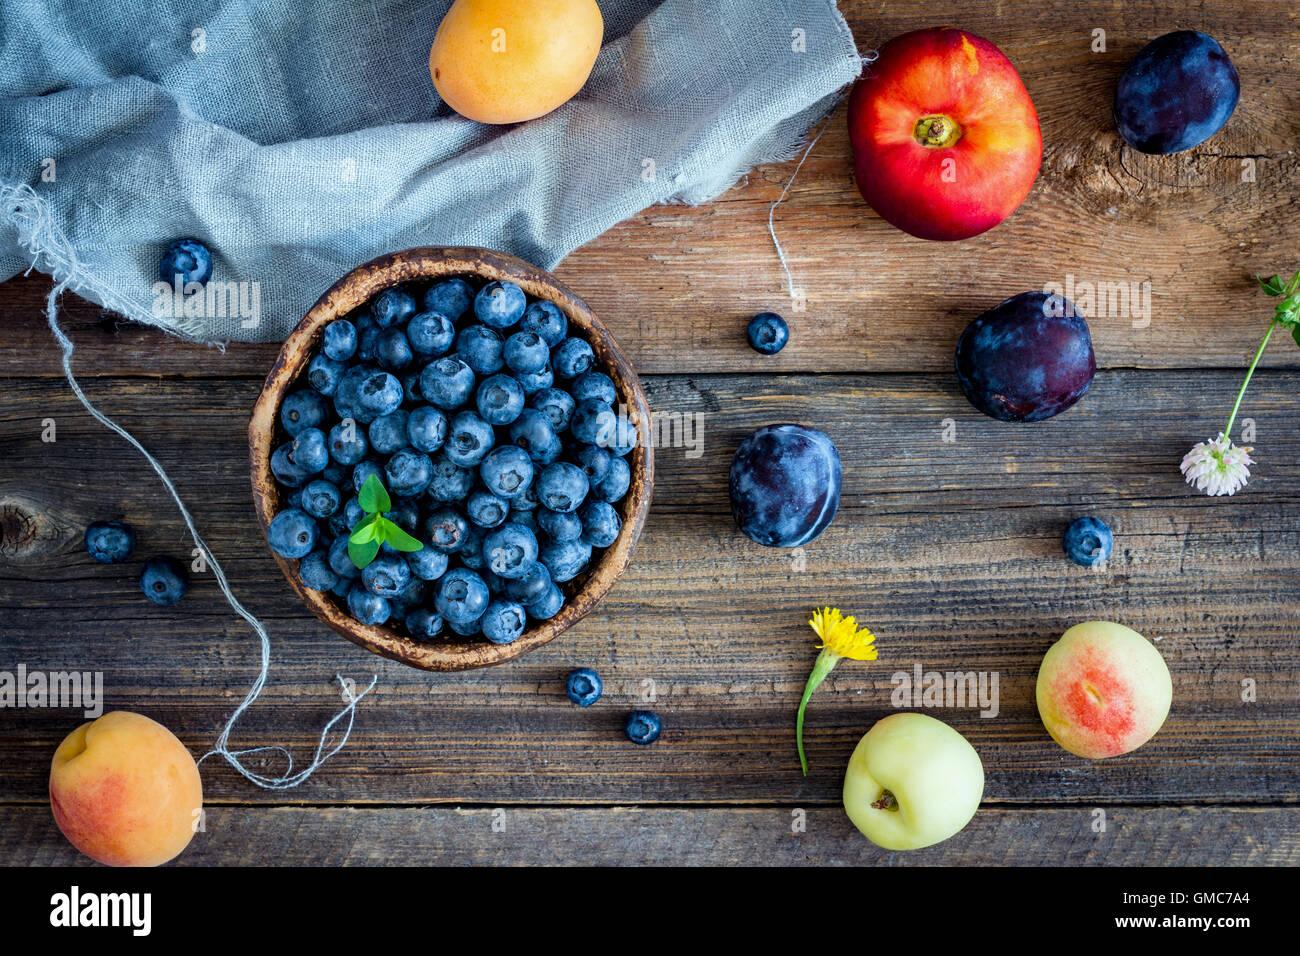 Frutas y bayas sobre fondo de madera. Coloridos frutos laicos plana Imagen De Stock